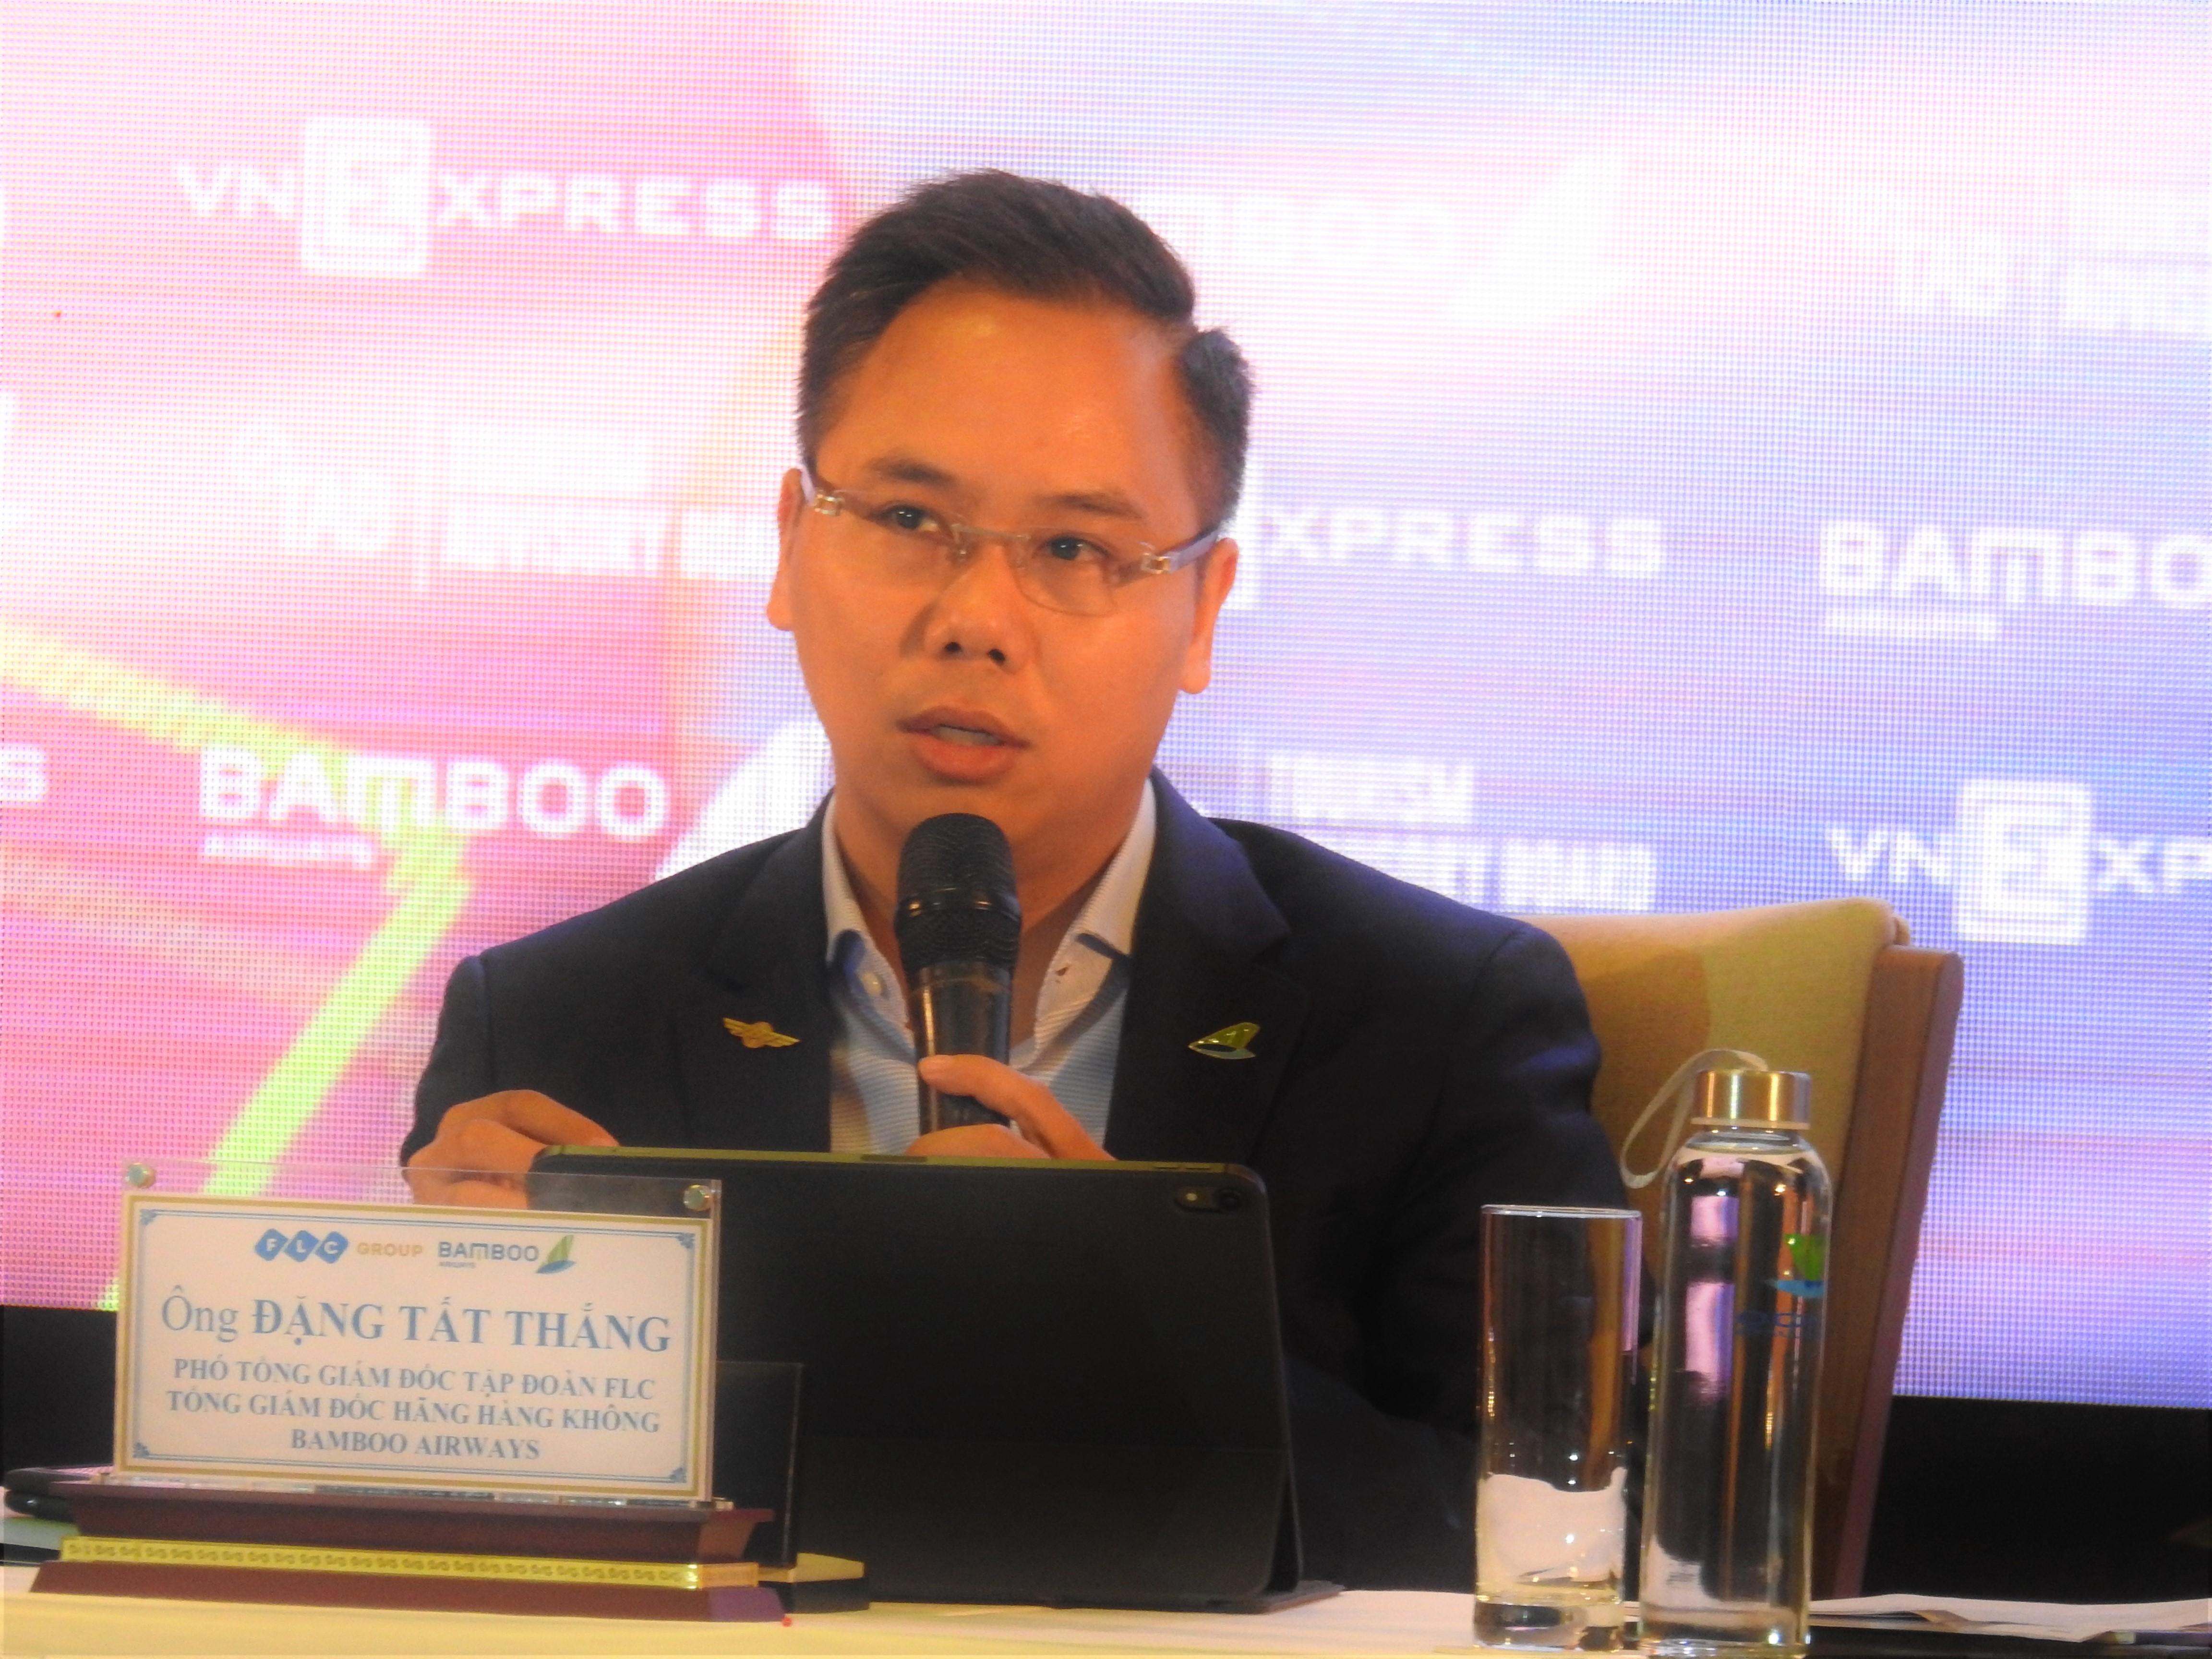 Bamboo Airways: Một nửa đội bay chưa cất cánh sau dịch, tính kế đẩy mạnh bay chở hàng - Ảnh 3.